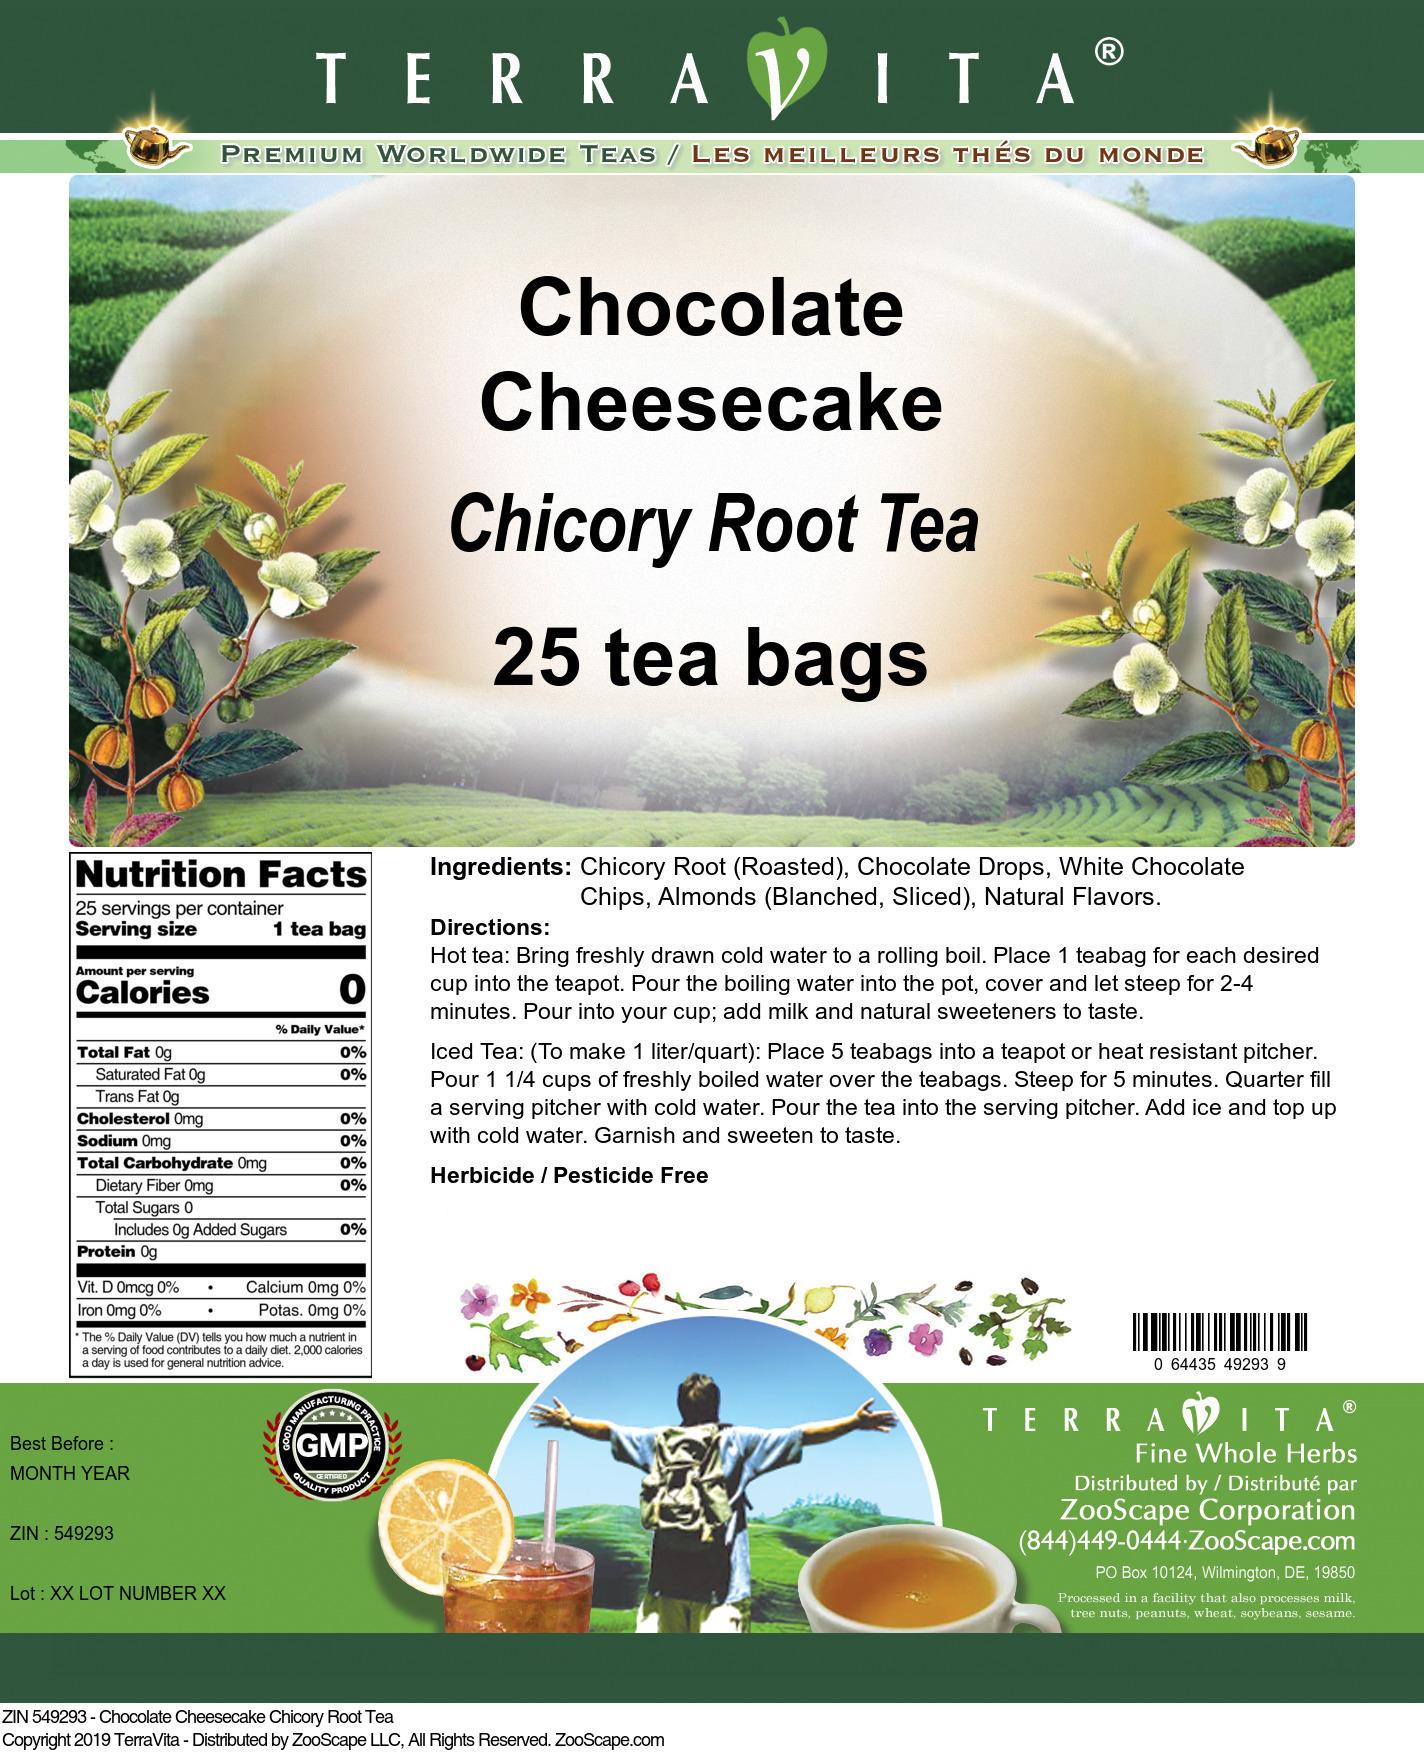 Chocolate Cheesecake Chicory Root Tea